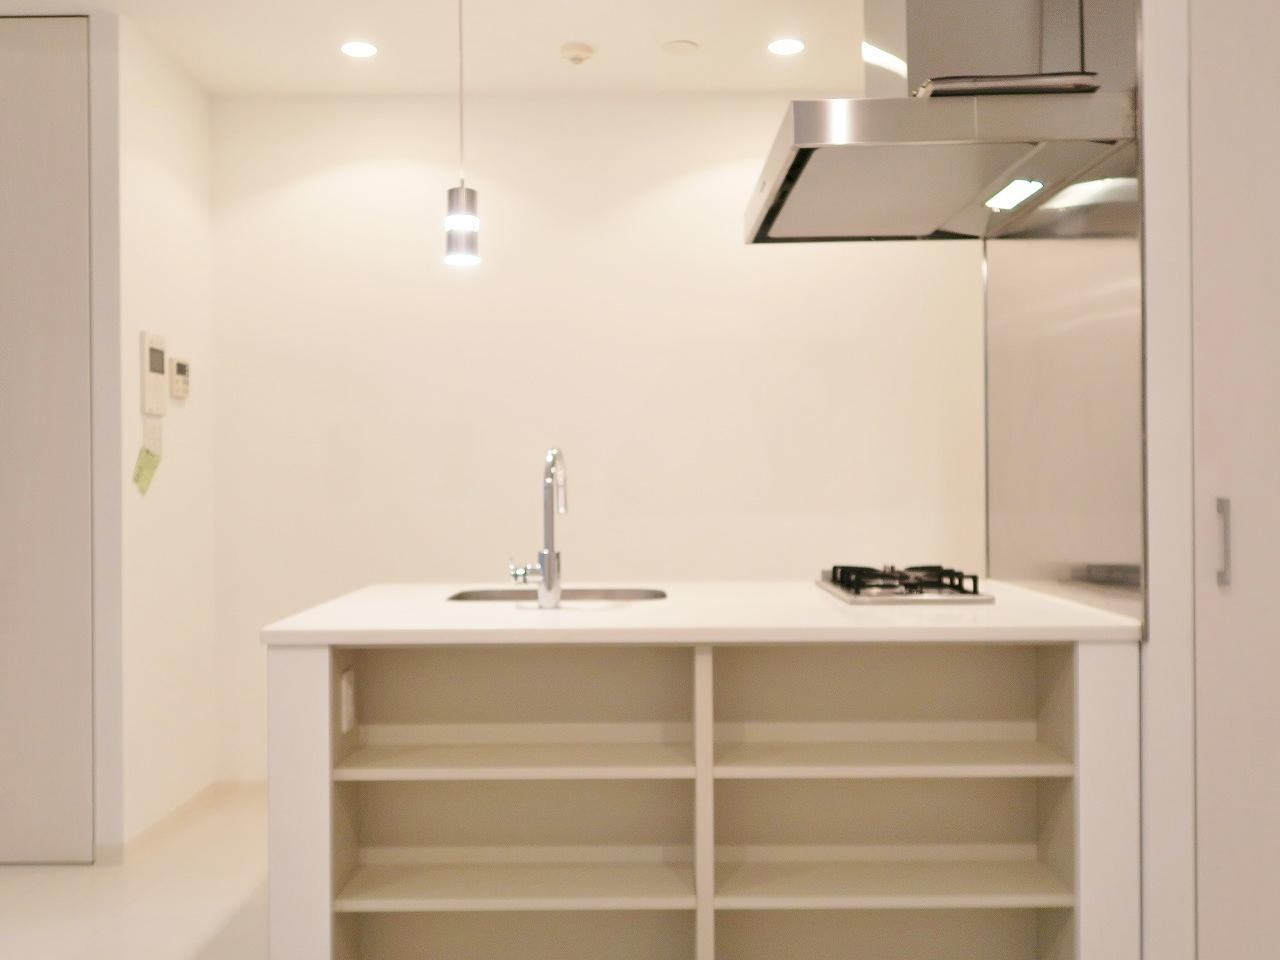 ワンルームですが居室スペースが10畳を超える、こちらのお部屋。ポイントはなんといってもこのアイランド型のキッチン。手前の棚には食器をおしゃれに飾りたいですね。